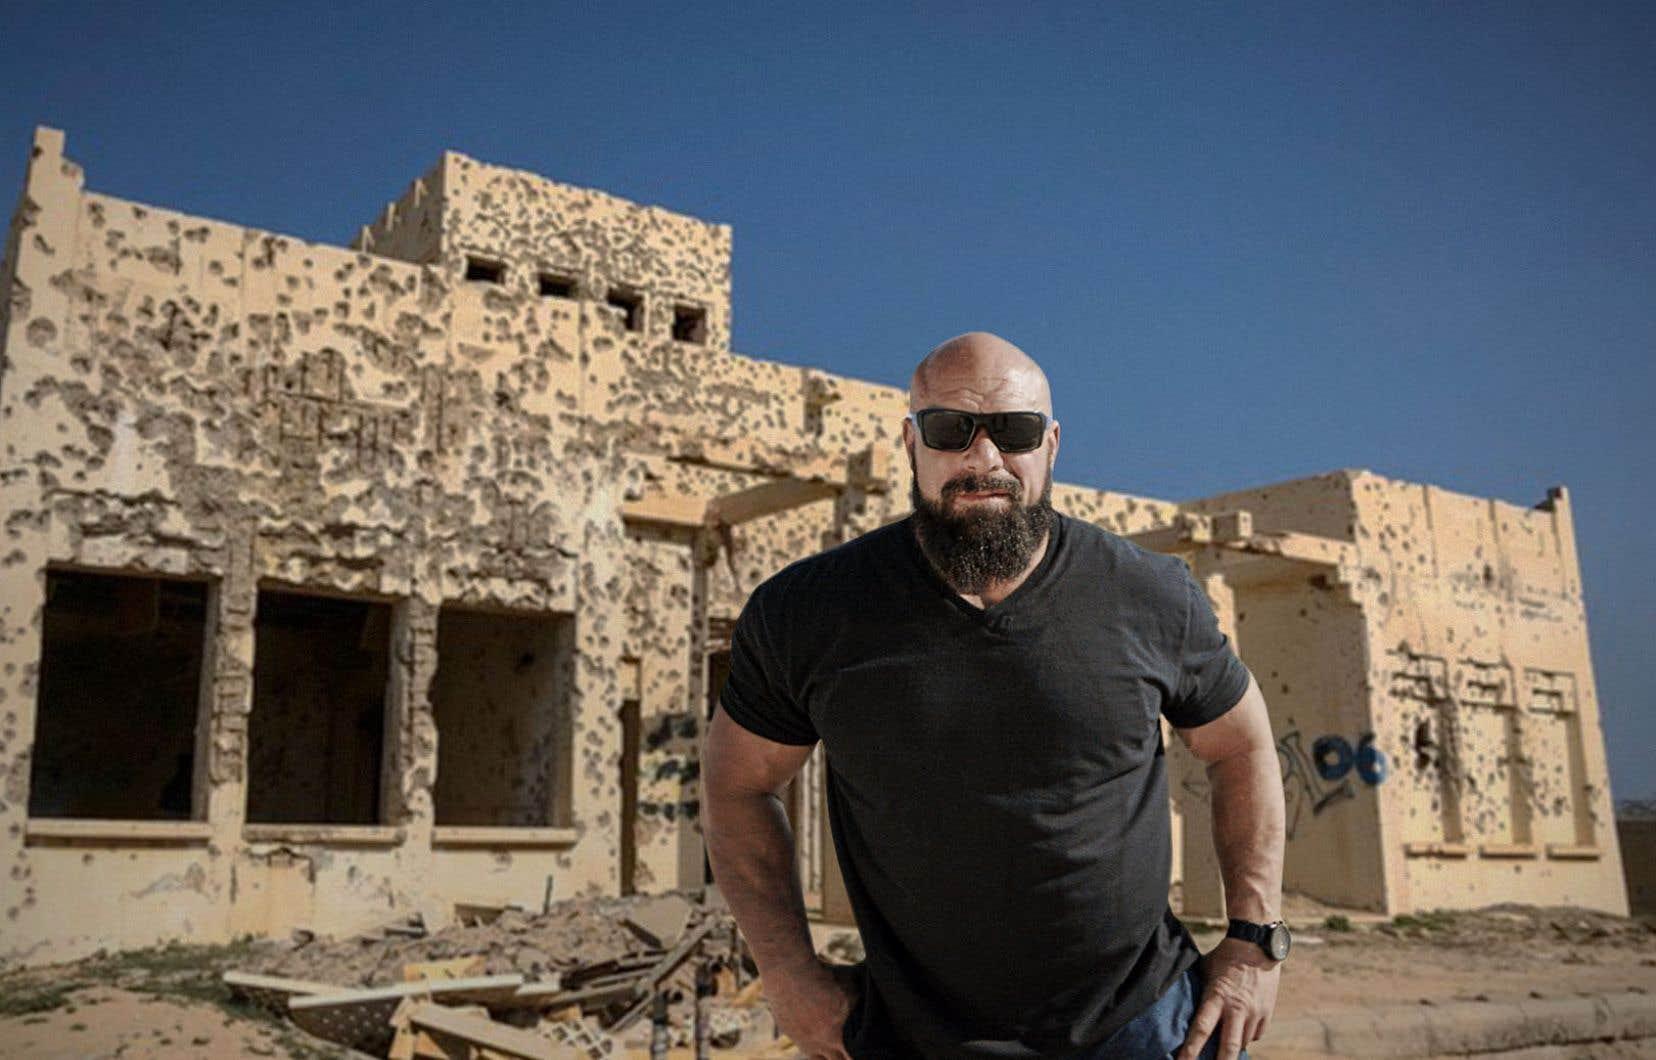 Le périple d'Hugo Girard débute au Koweït, pays qui porte encore les cicatrices de la guerre du Golfe, au début des années 1990.